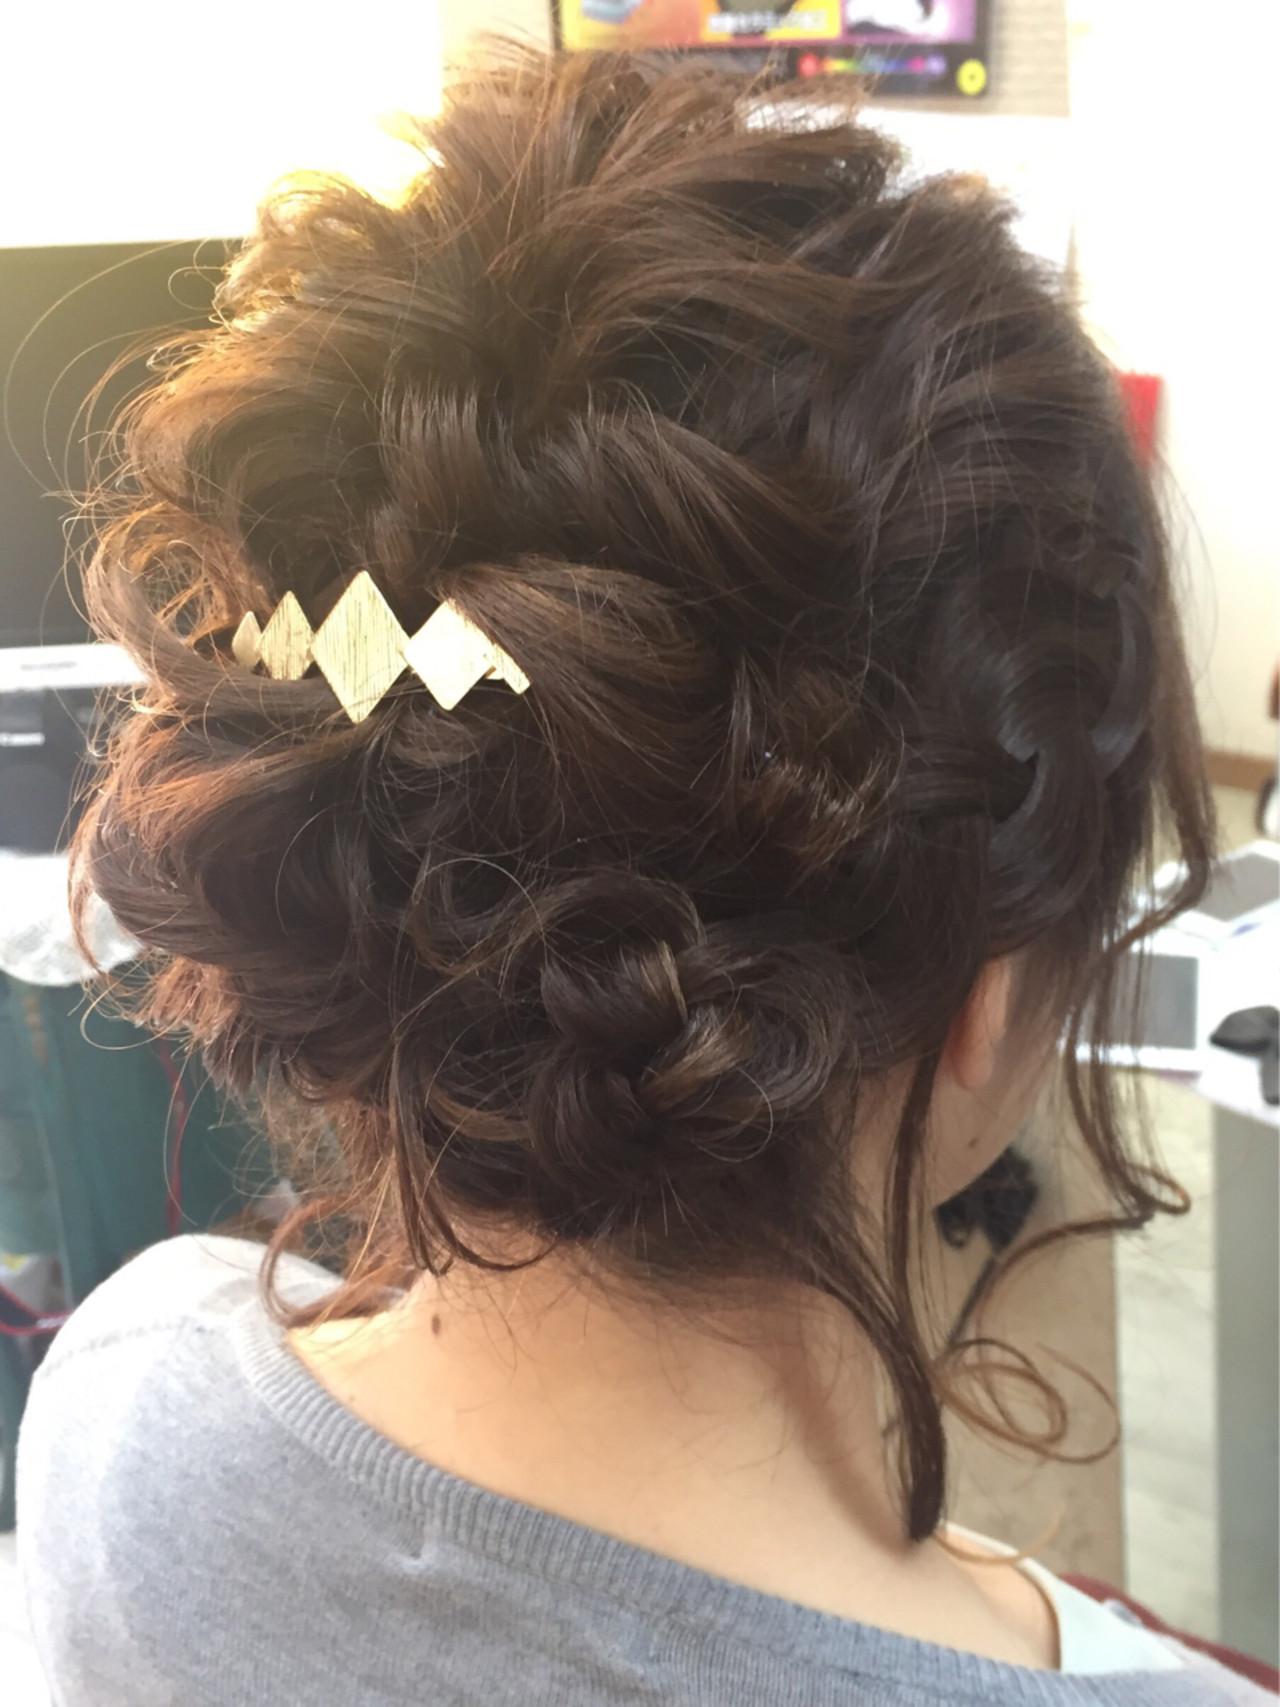 大人かわいい 結婚式 編み込み ミディアム ヘアスタイルや髪型の写真・画像 | 下野結城 / hair kahuna  京急蒲田店 & CORALREEF 鶴見市場